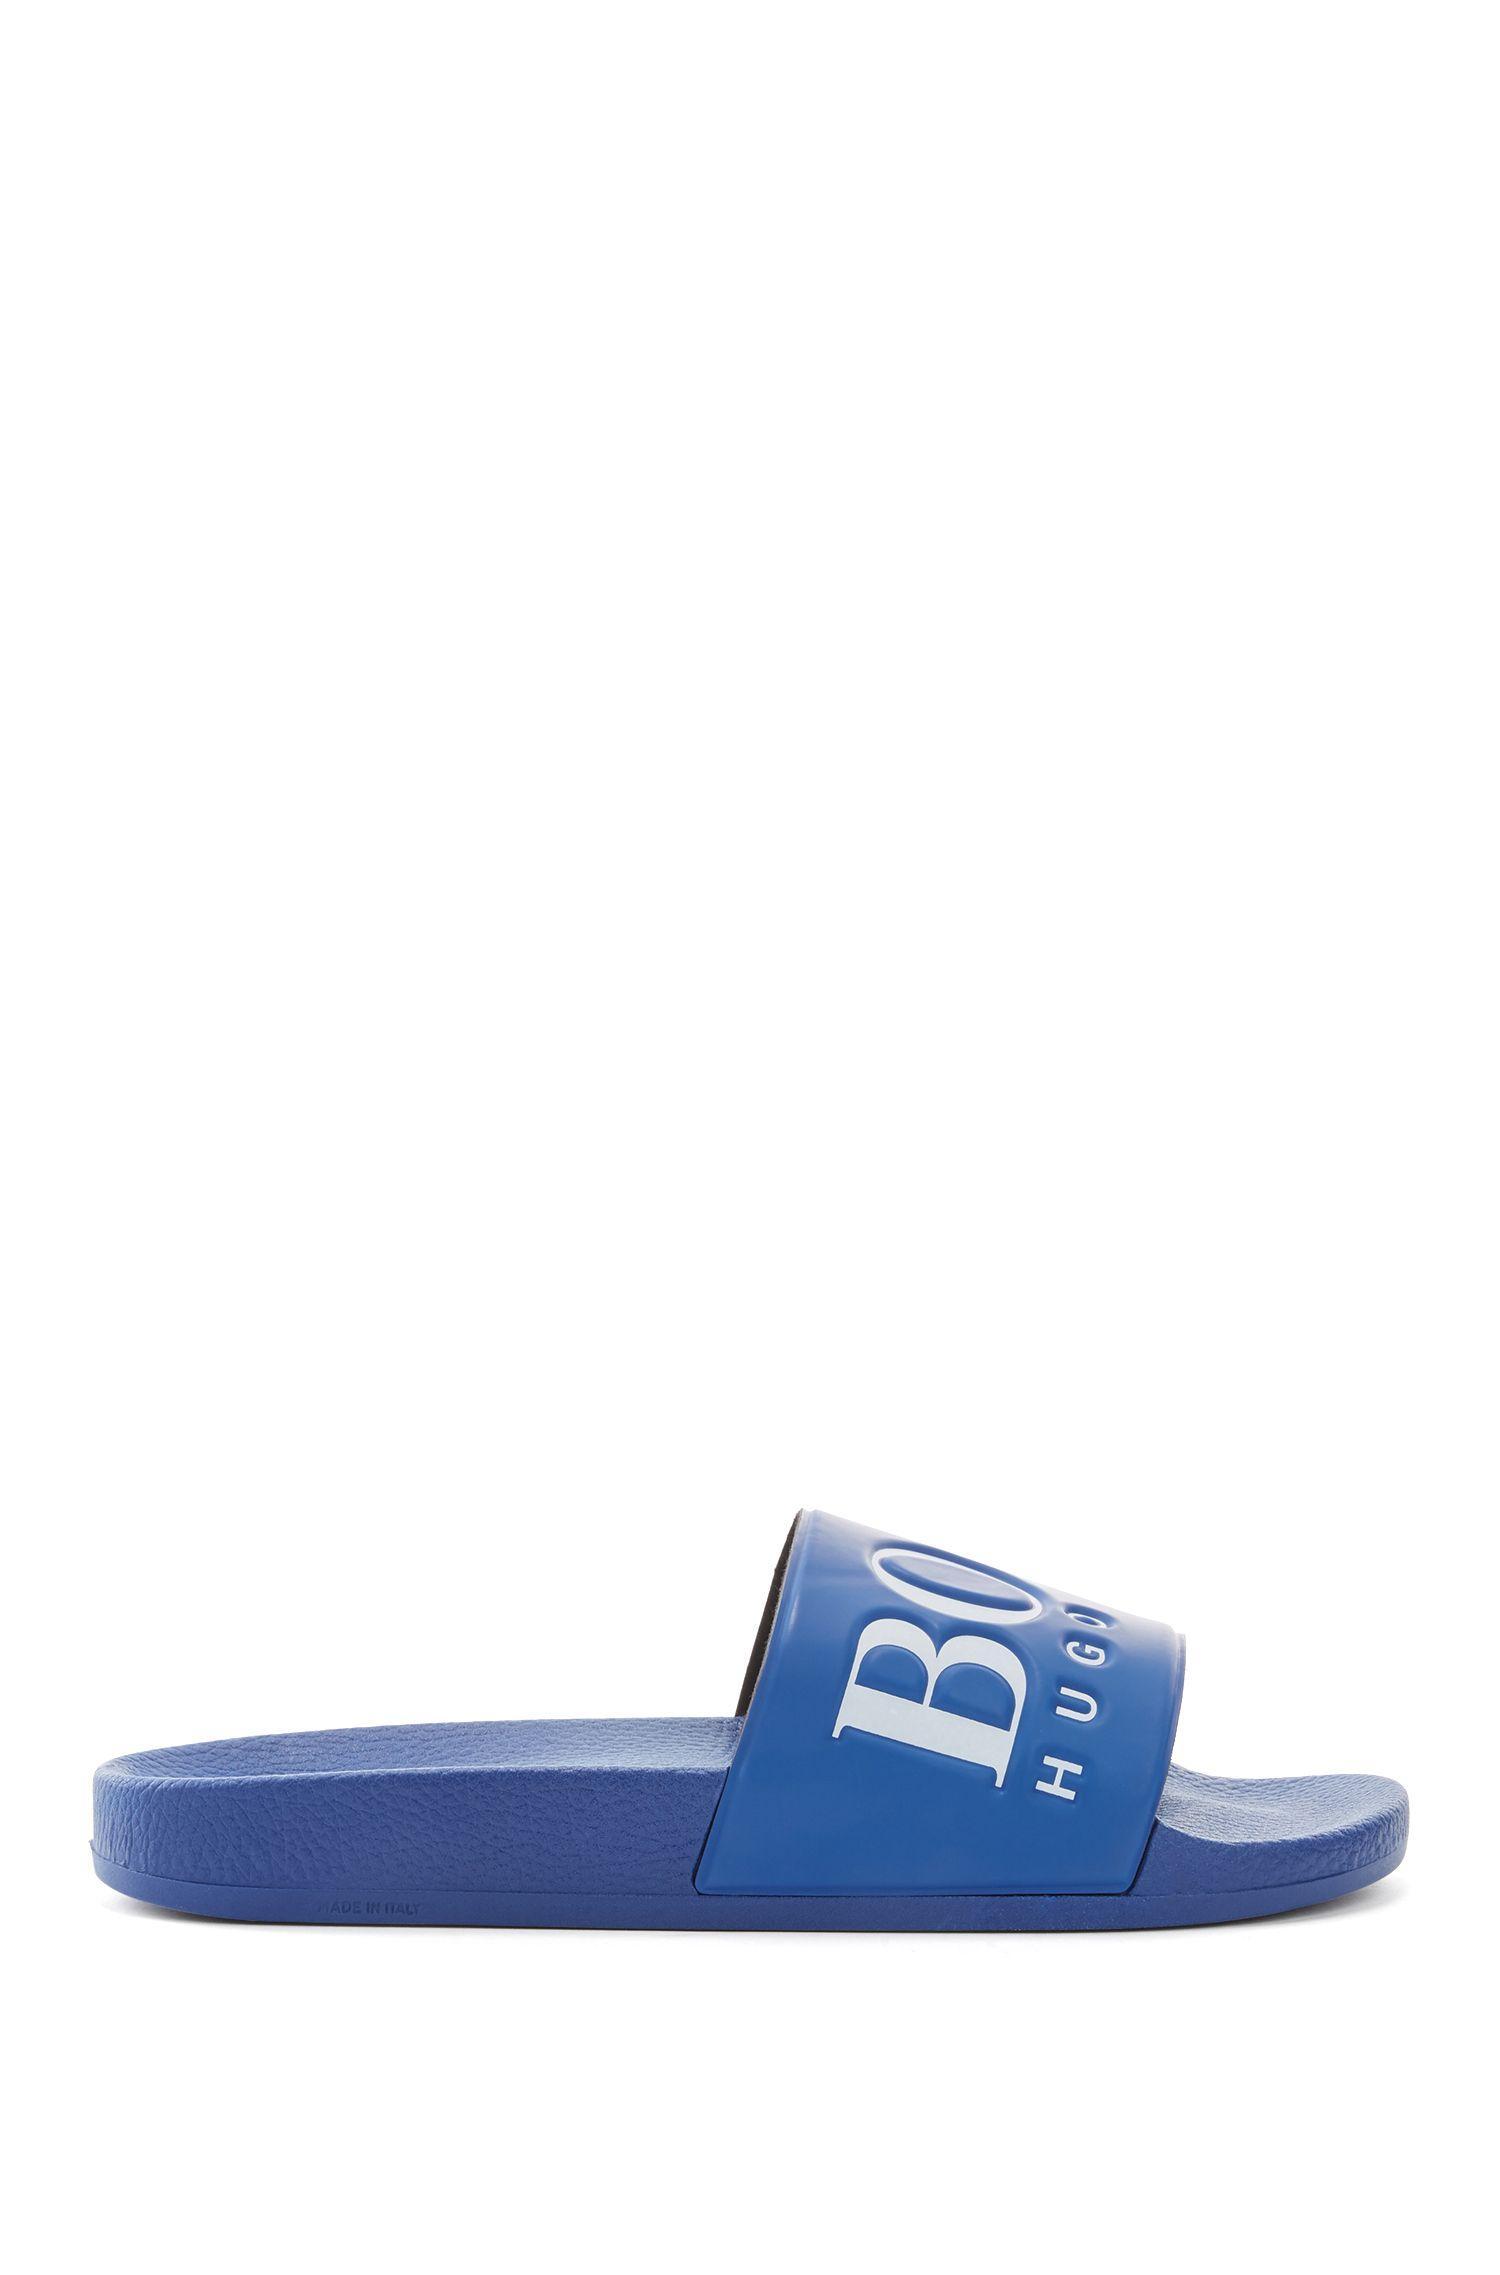 9dfb4a58c BOSS Boss Rubber Contrast Logo Slider Flip Flops in Blue for Men - Lyst